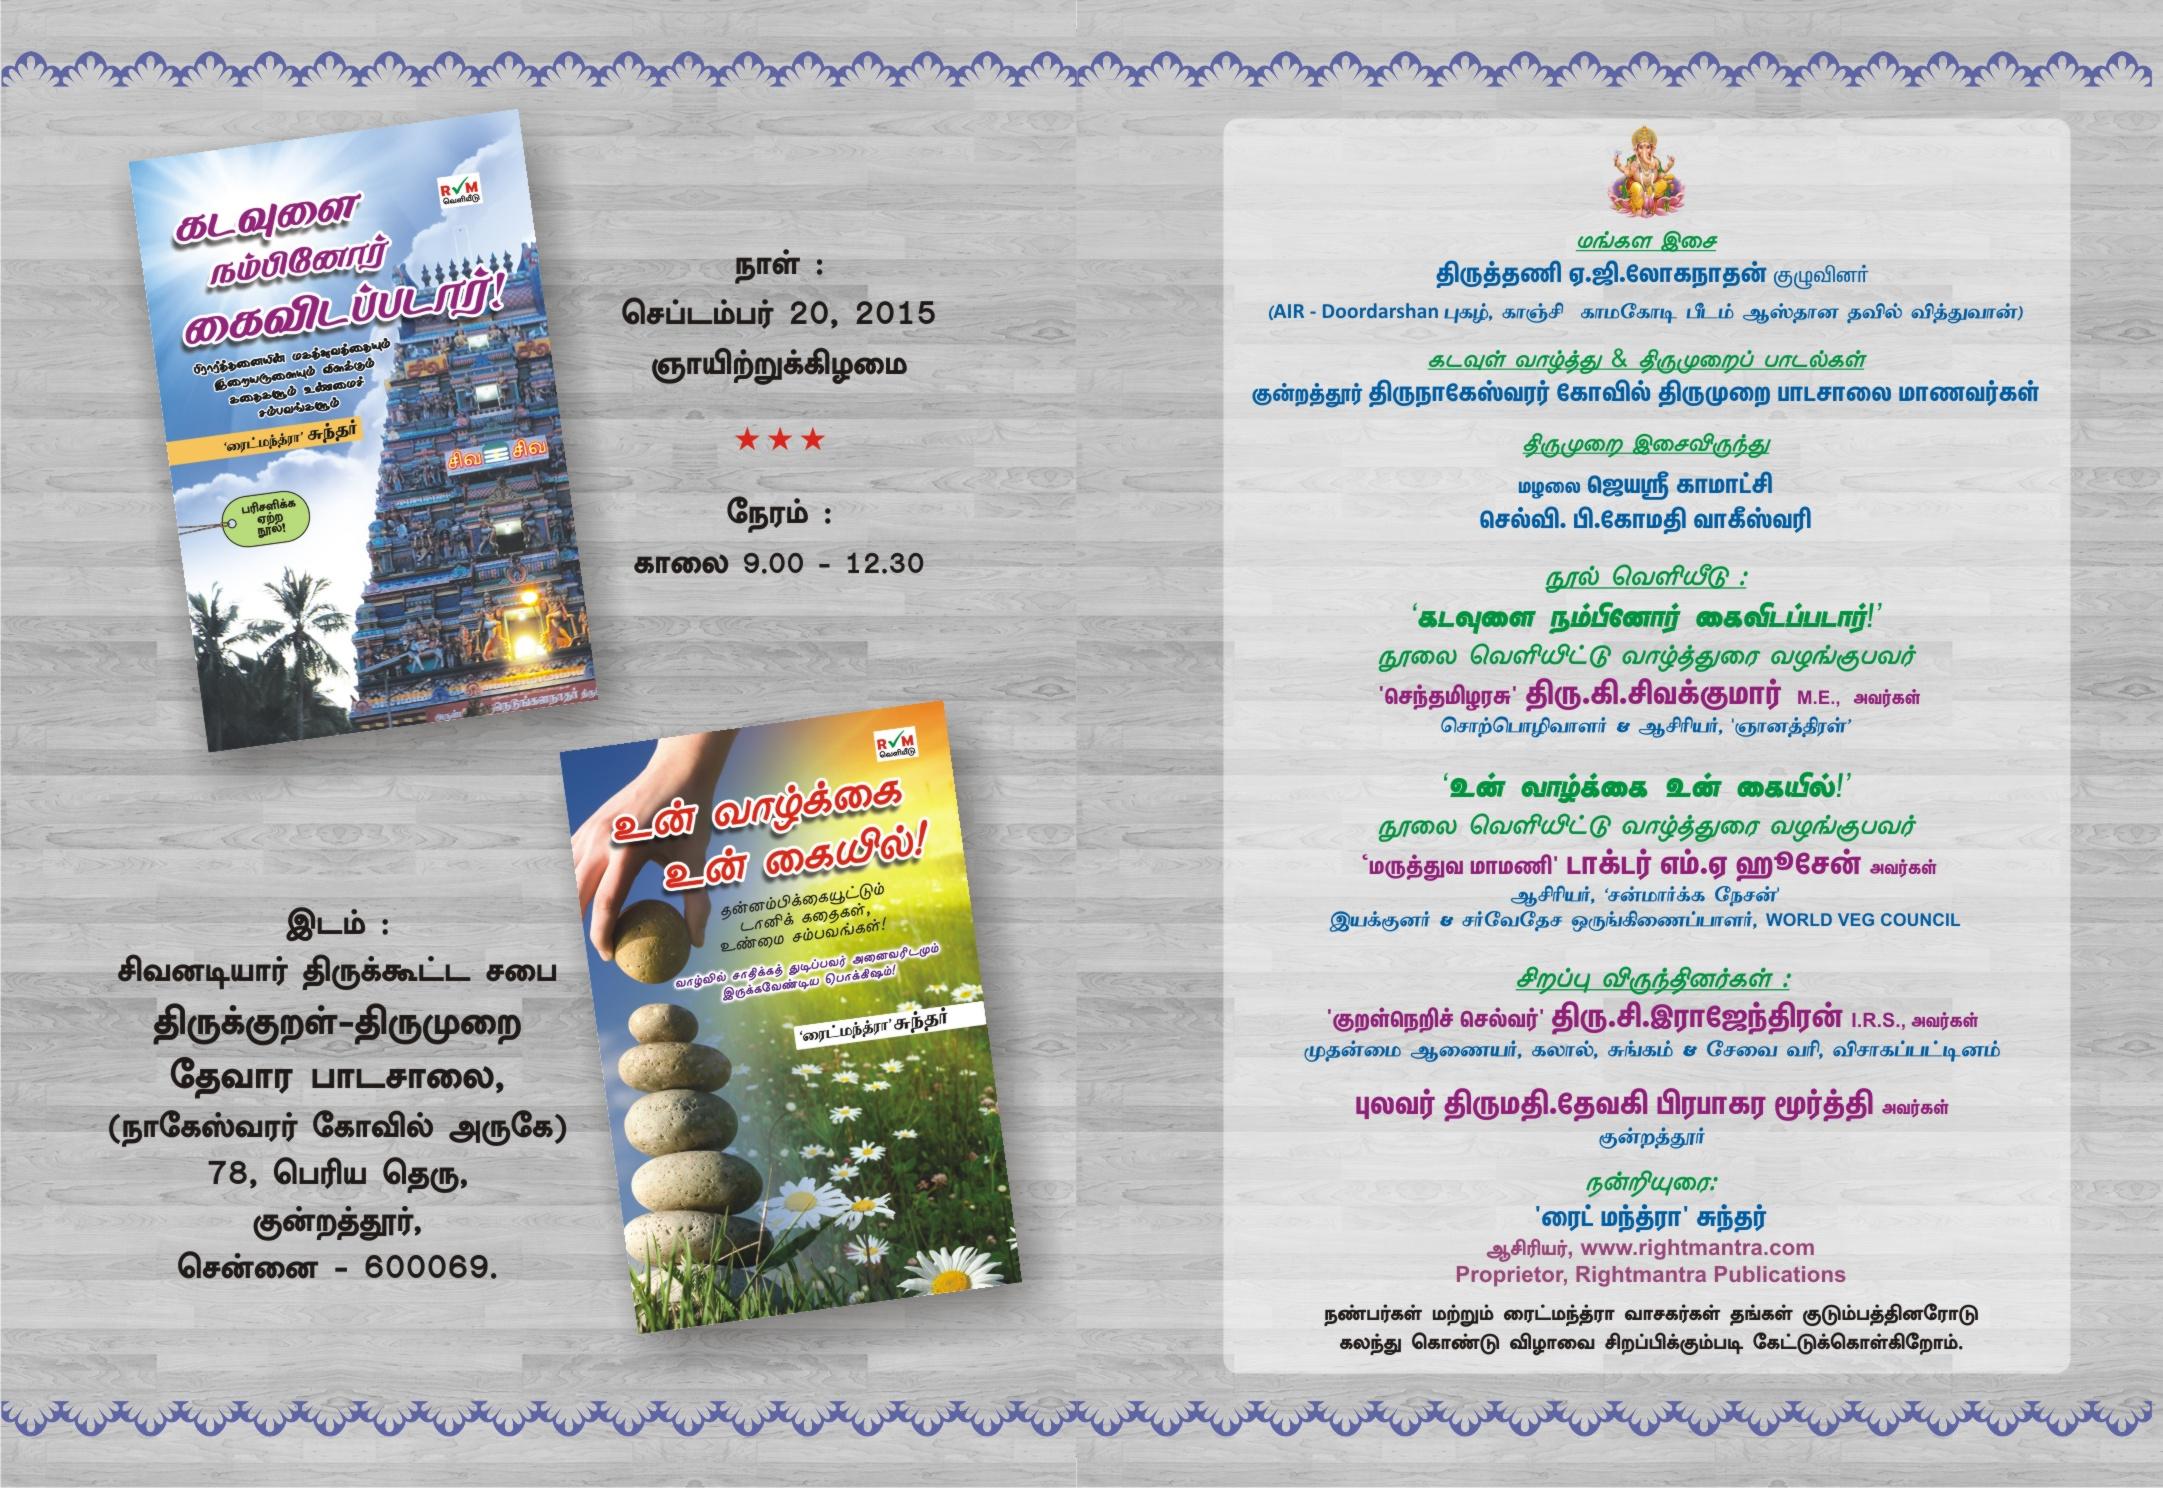 Rightmantra Invite 2